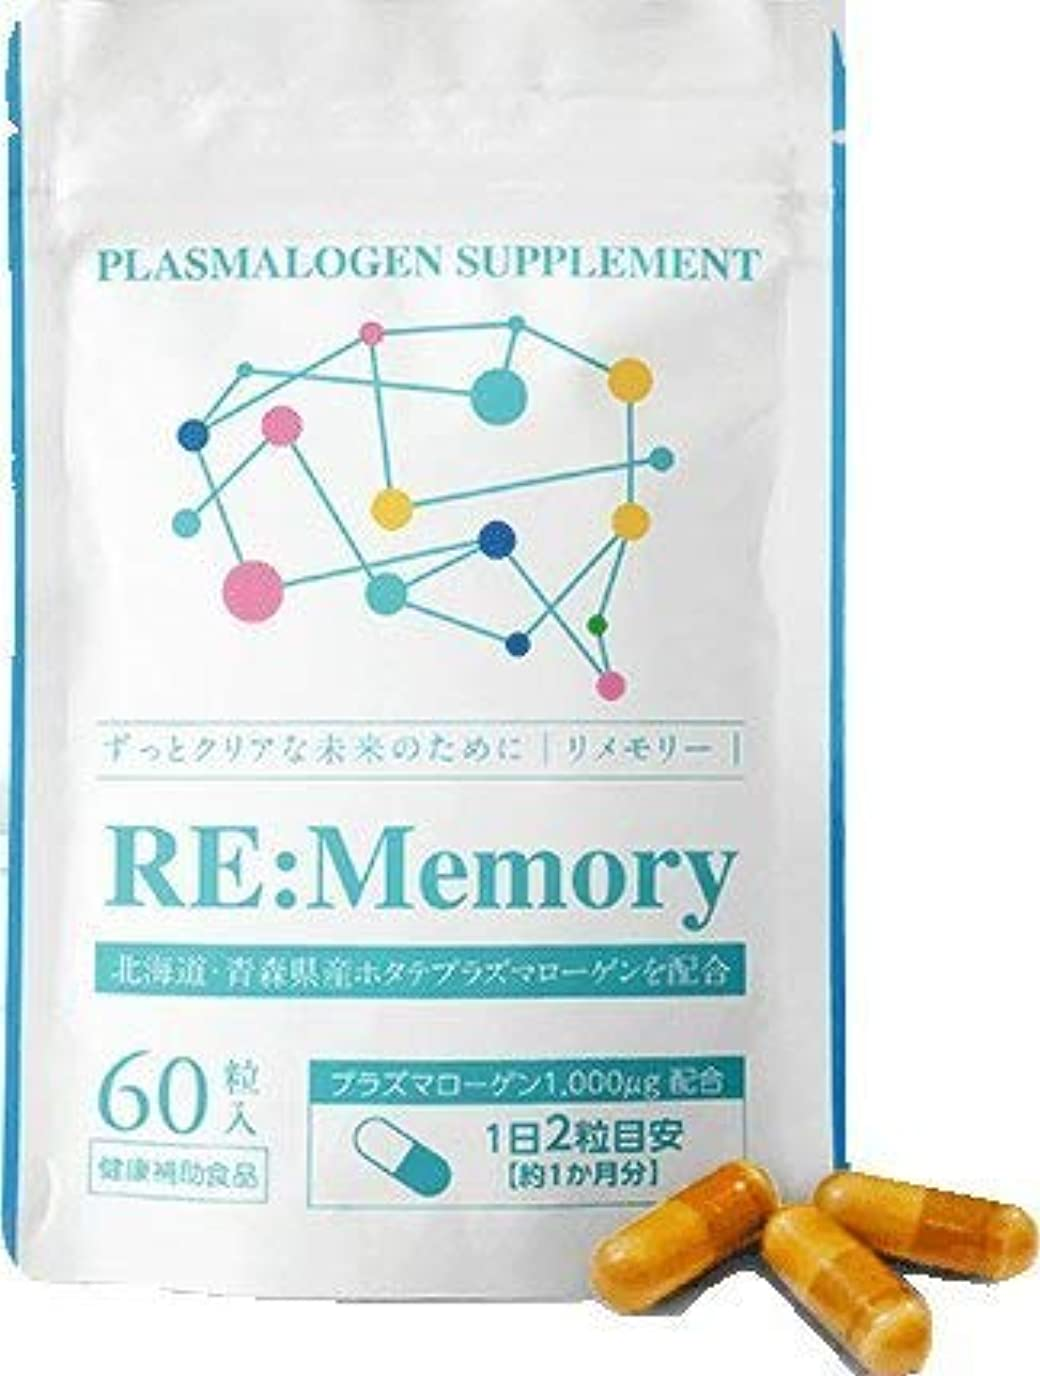 受け入れた腫瘍テラスリメモリー プラズマローゲン 自然良品 サプリ 国産ホタテ由来 DHA EPA フェルラ酸 60粒 30日分